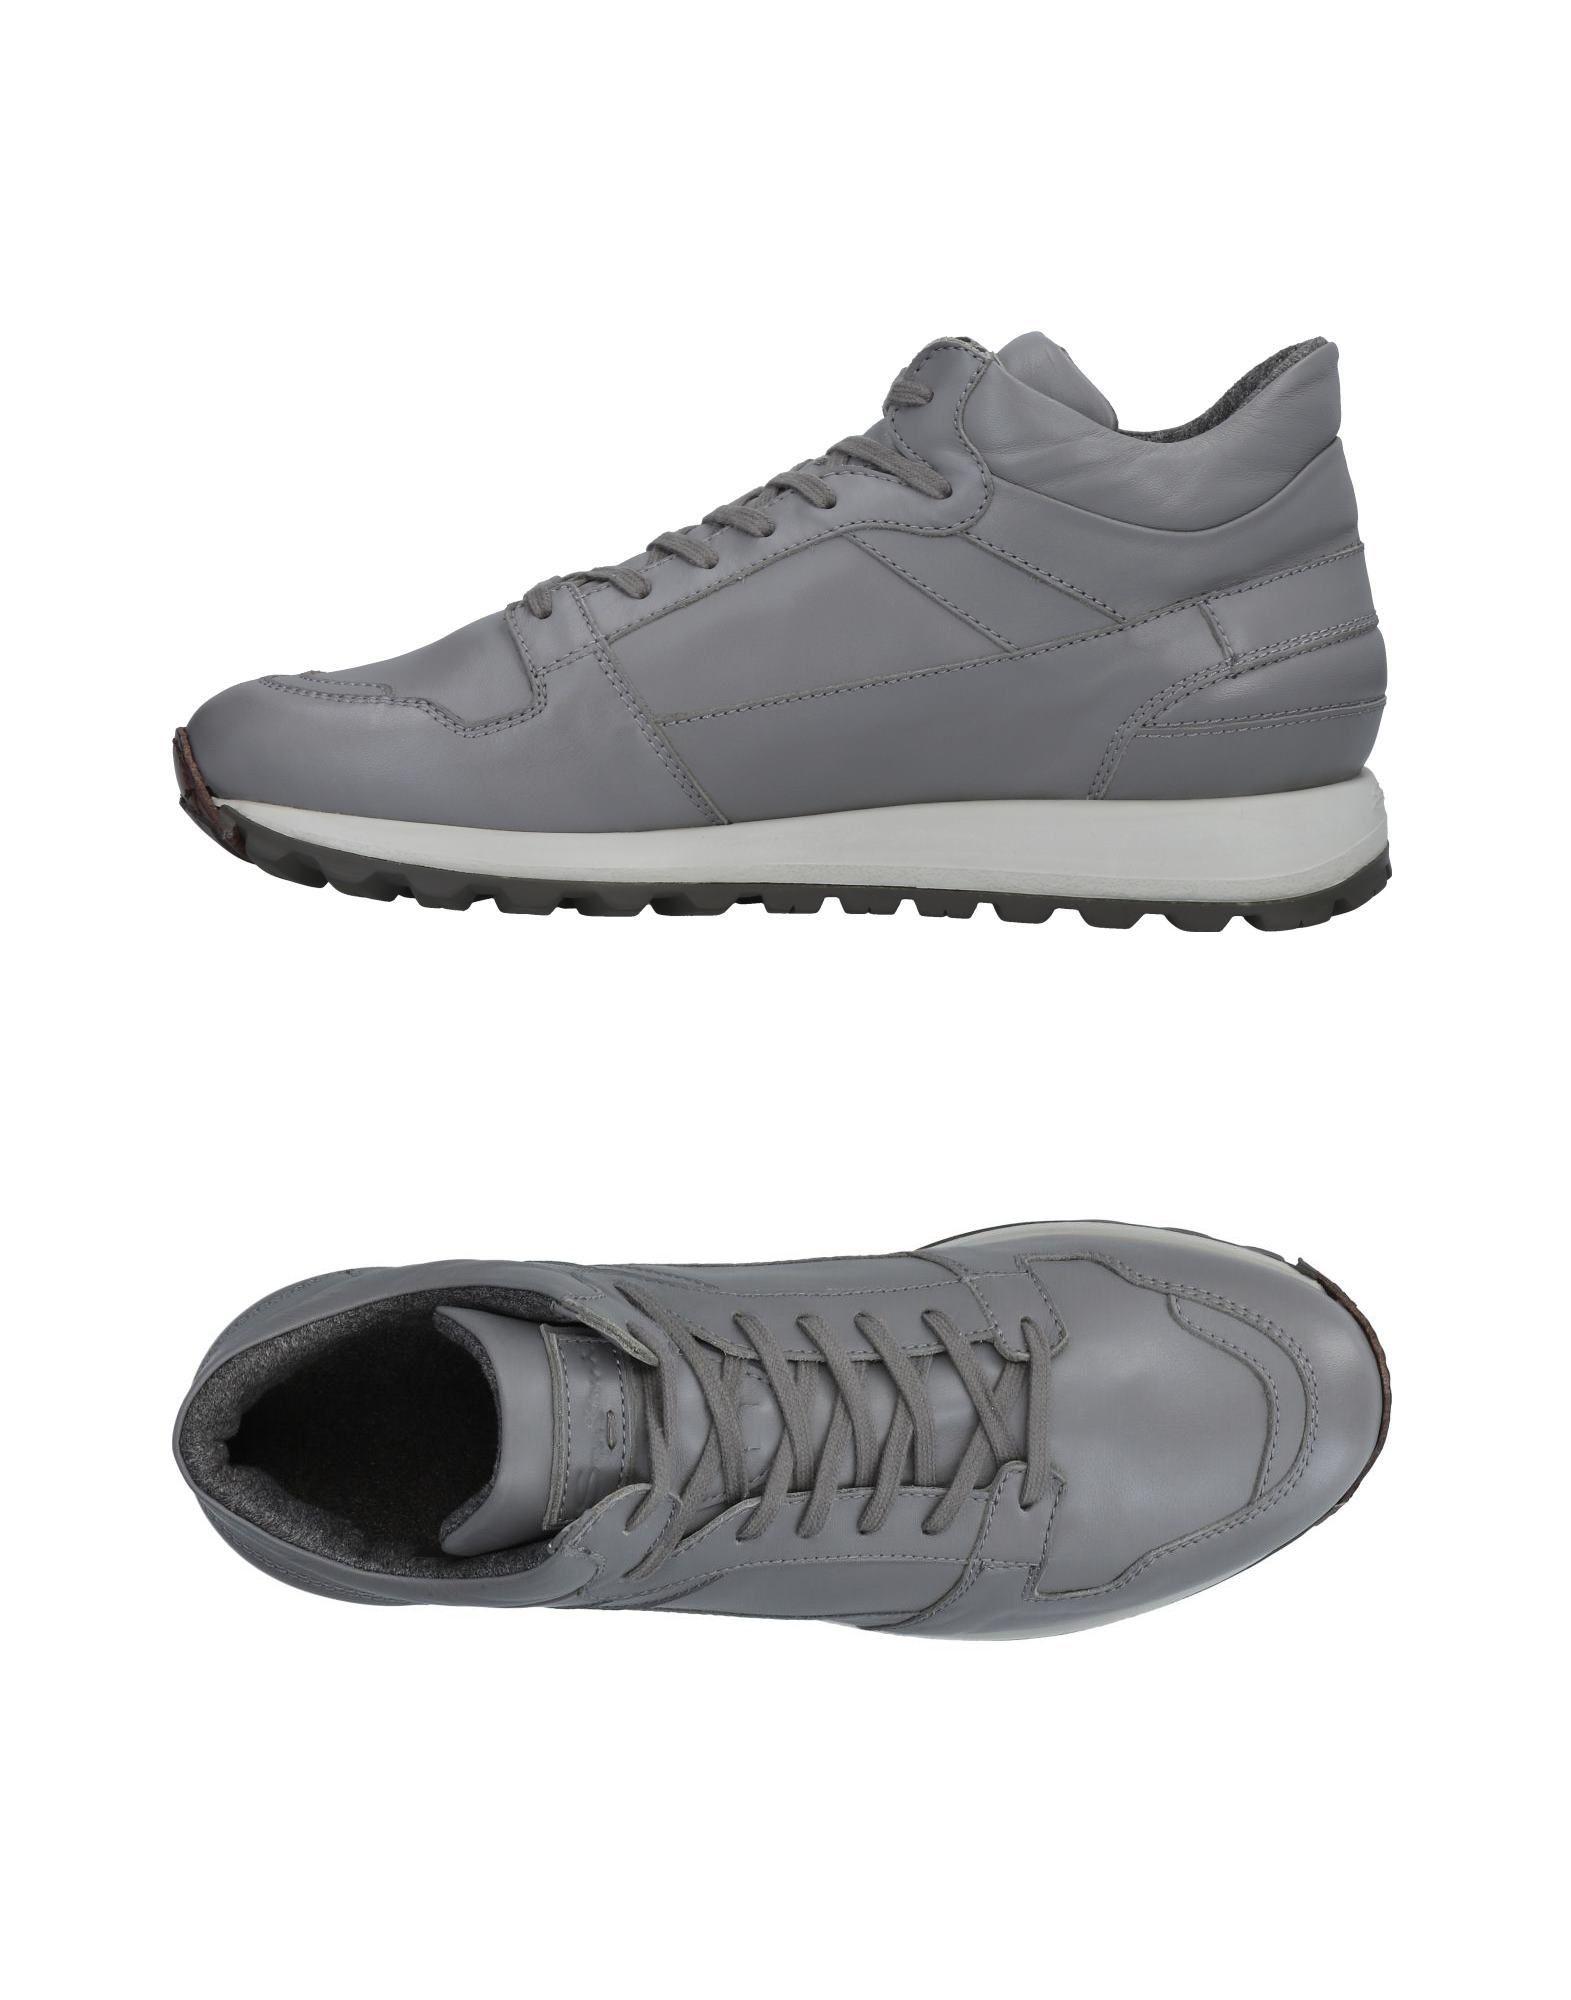 Zapatos de mujer baratos zapatos Zapatillas de mujer  Zapatillas zapatos Santoni Hombre - Zapatillas Santoni 15dcd3